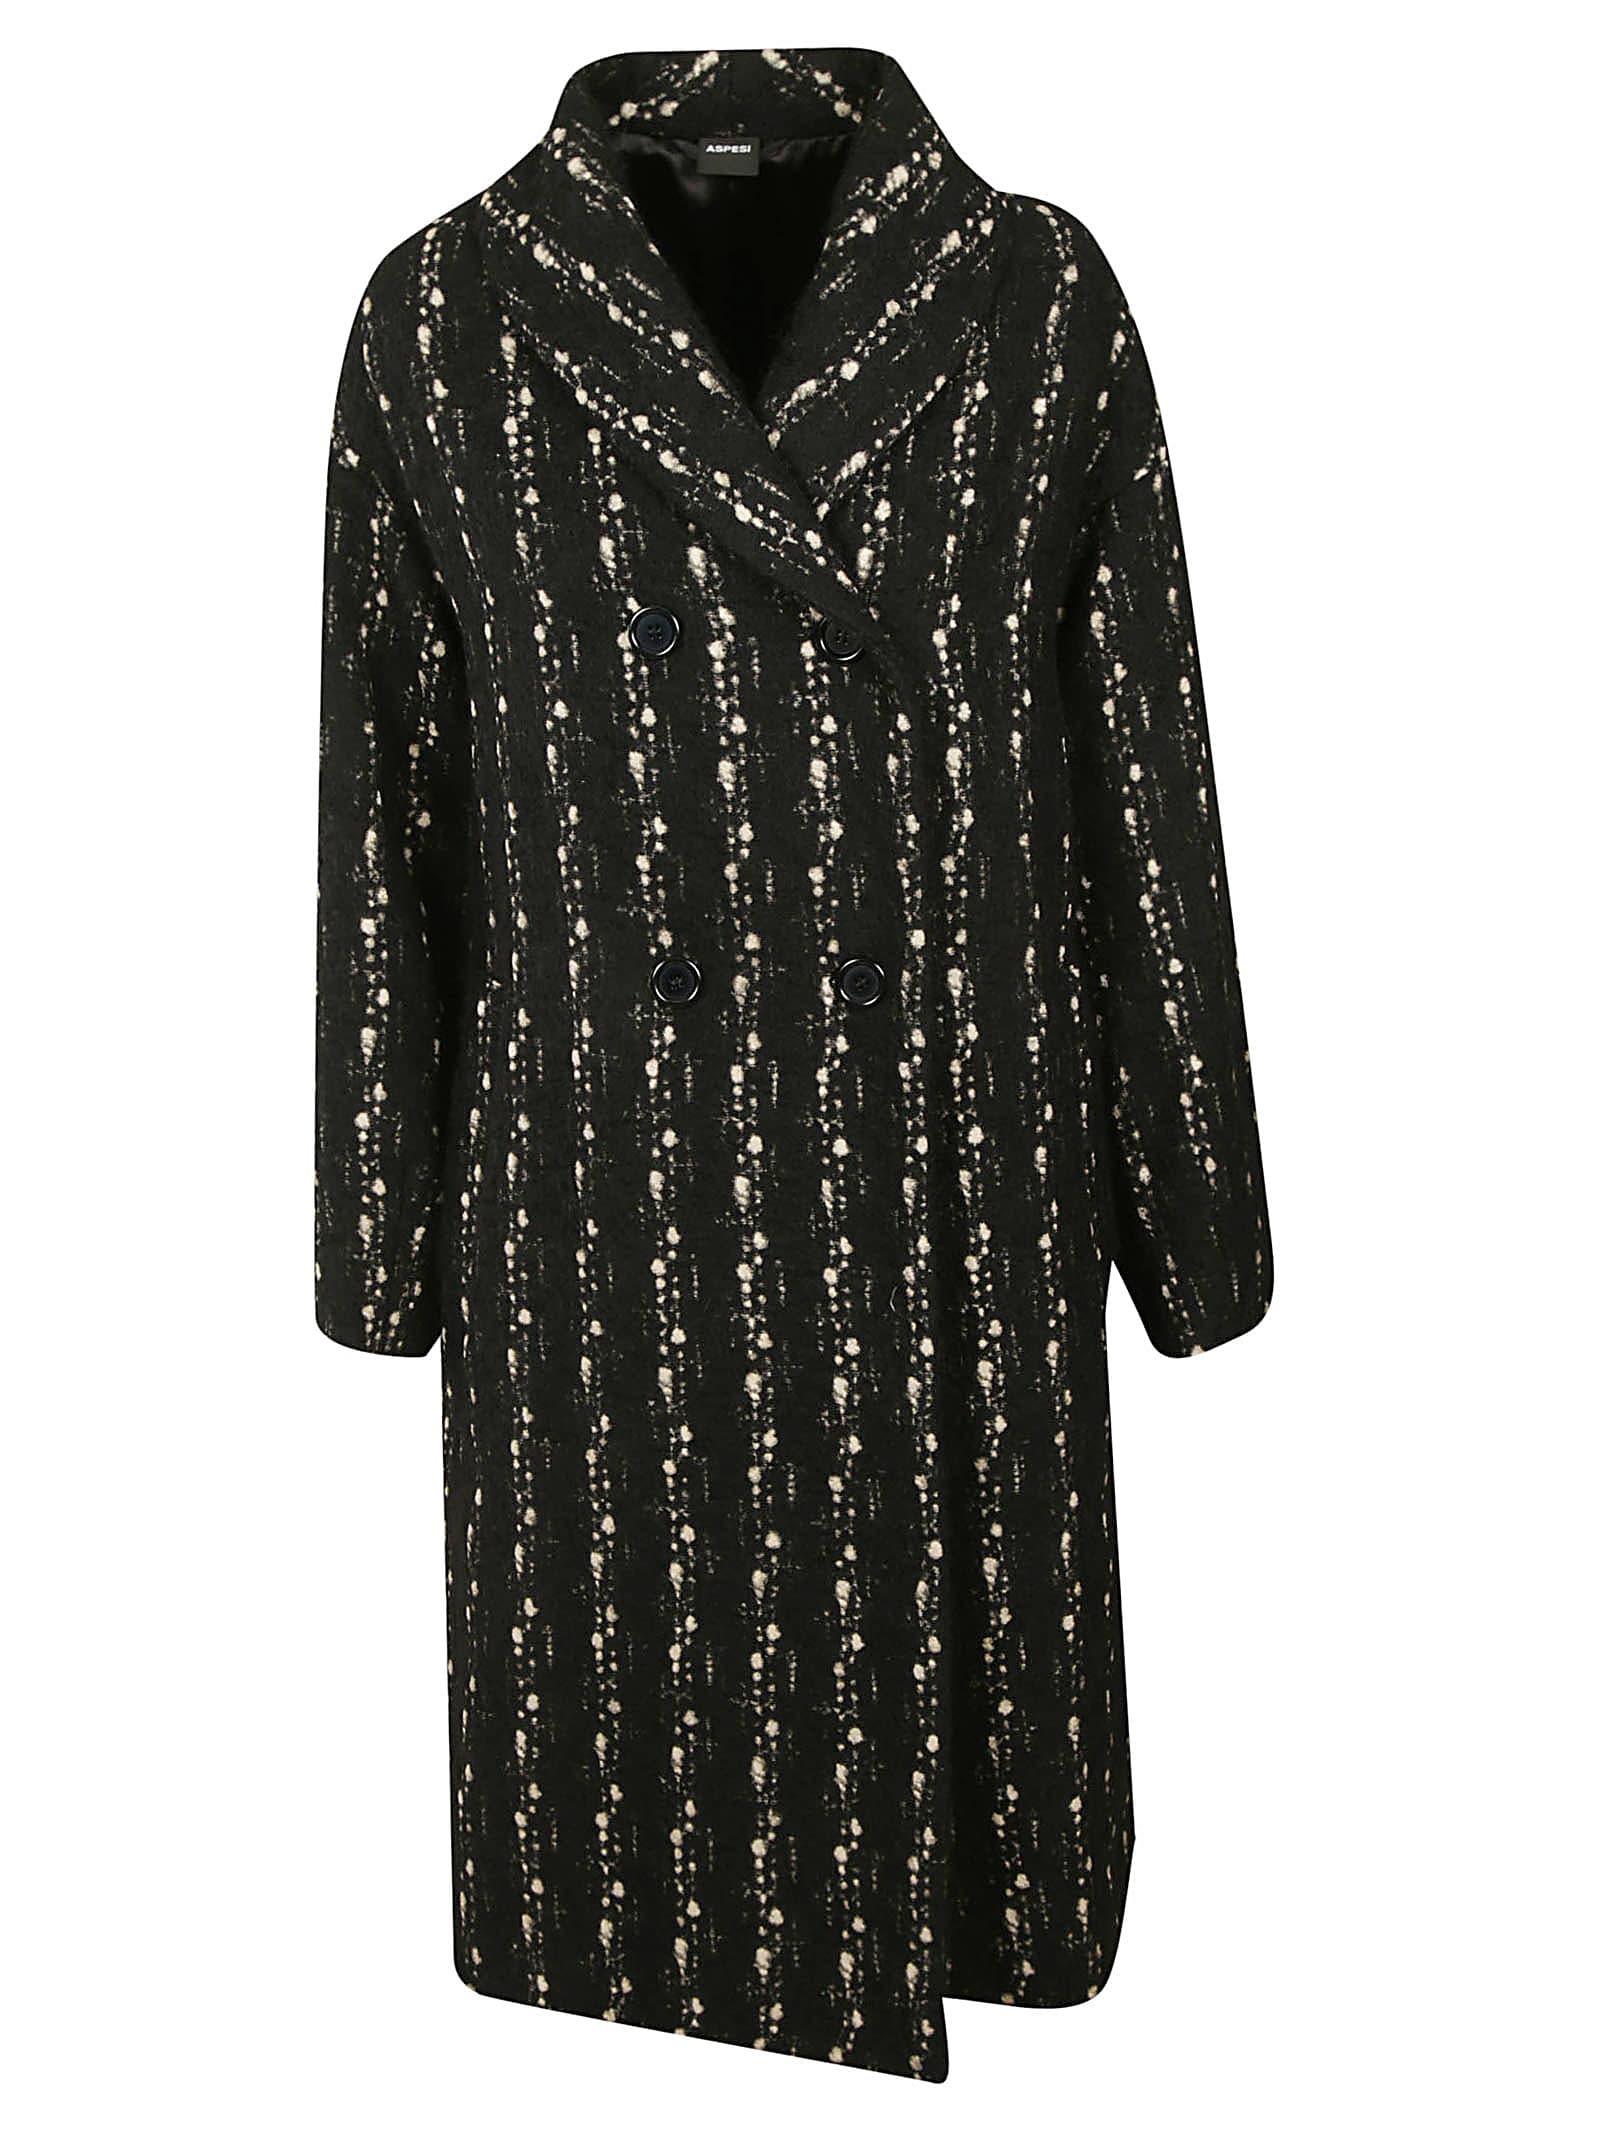 Aspesi Double-breasted Printed Coat